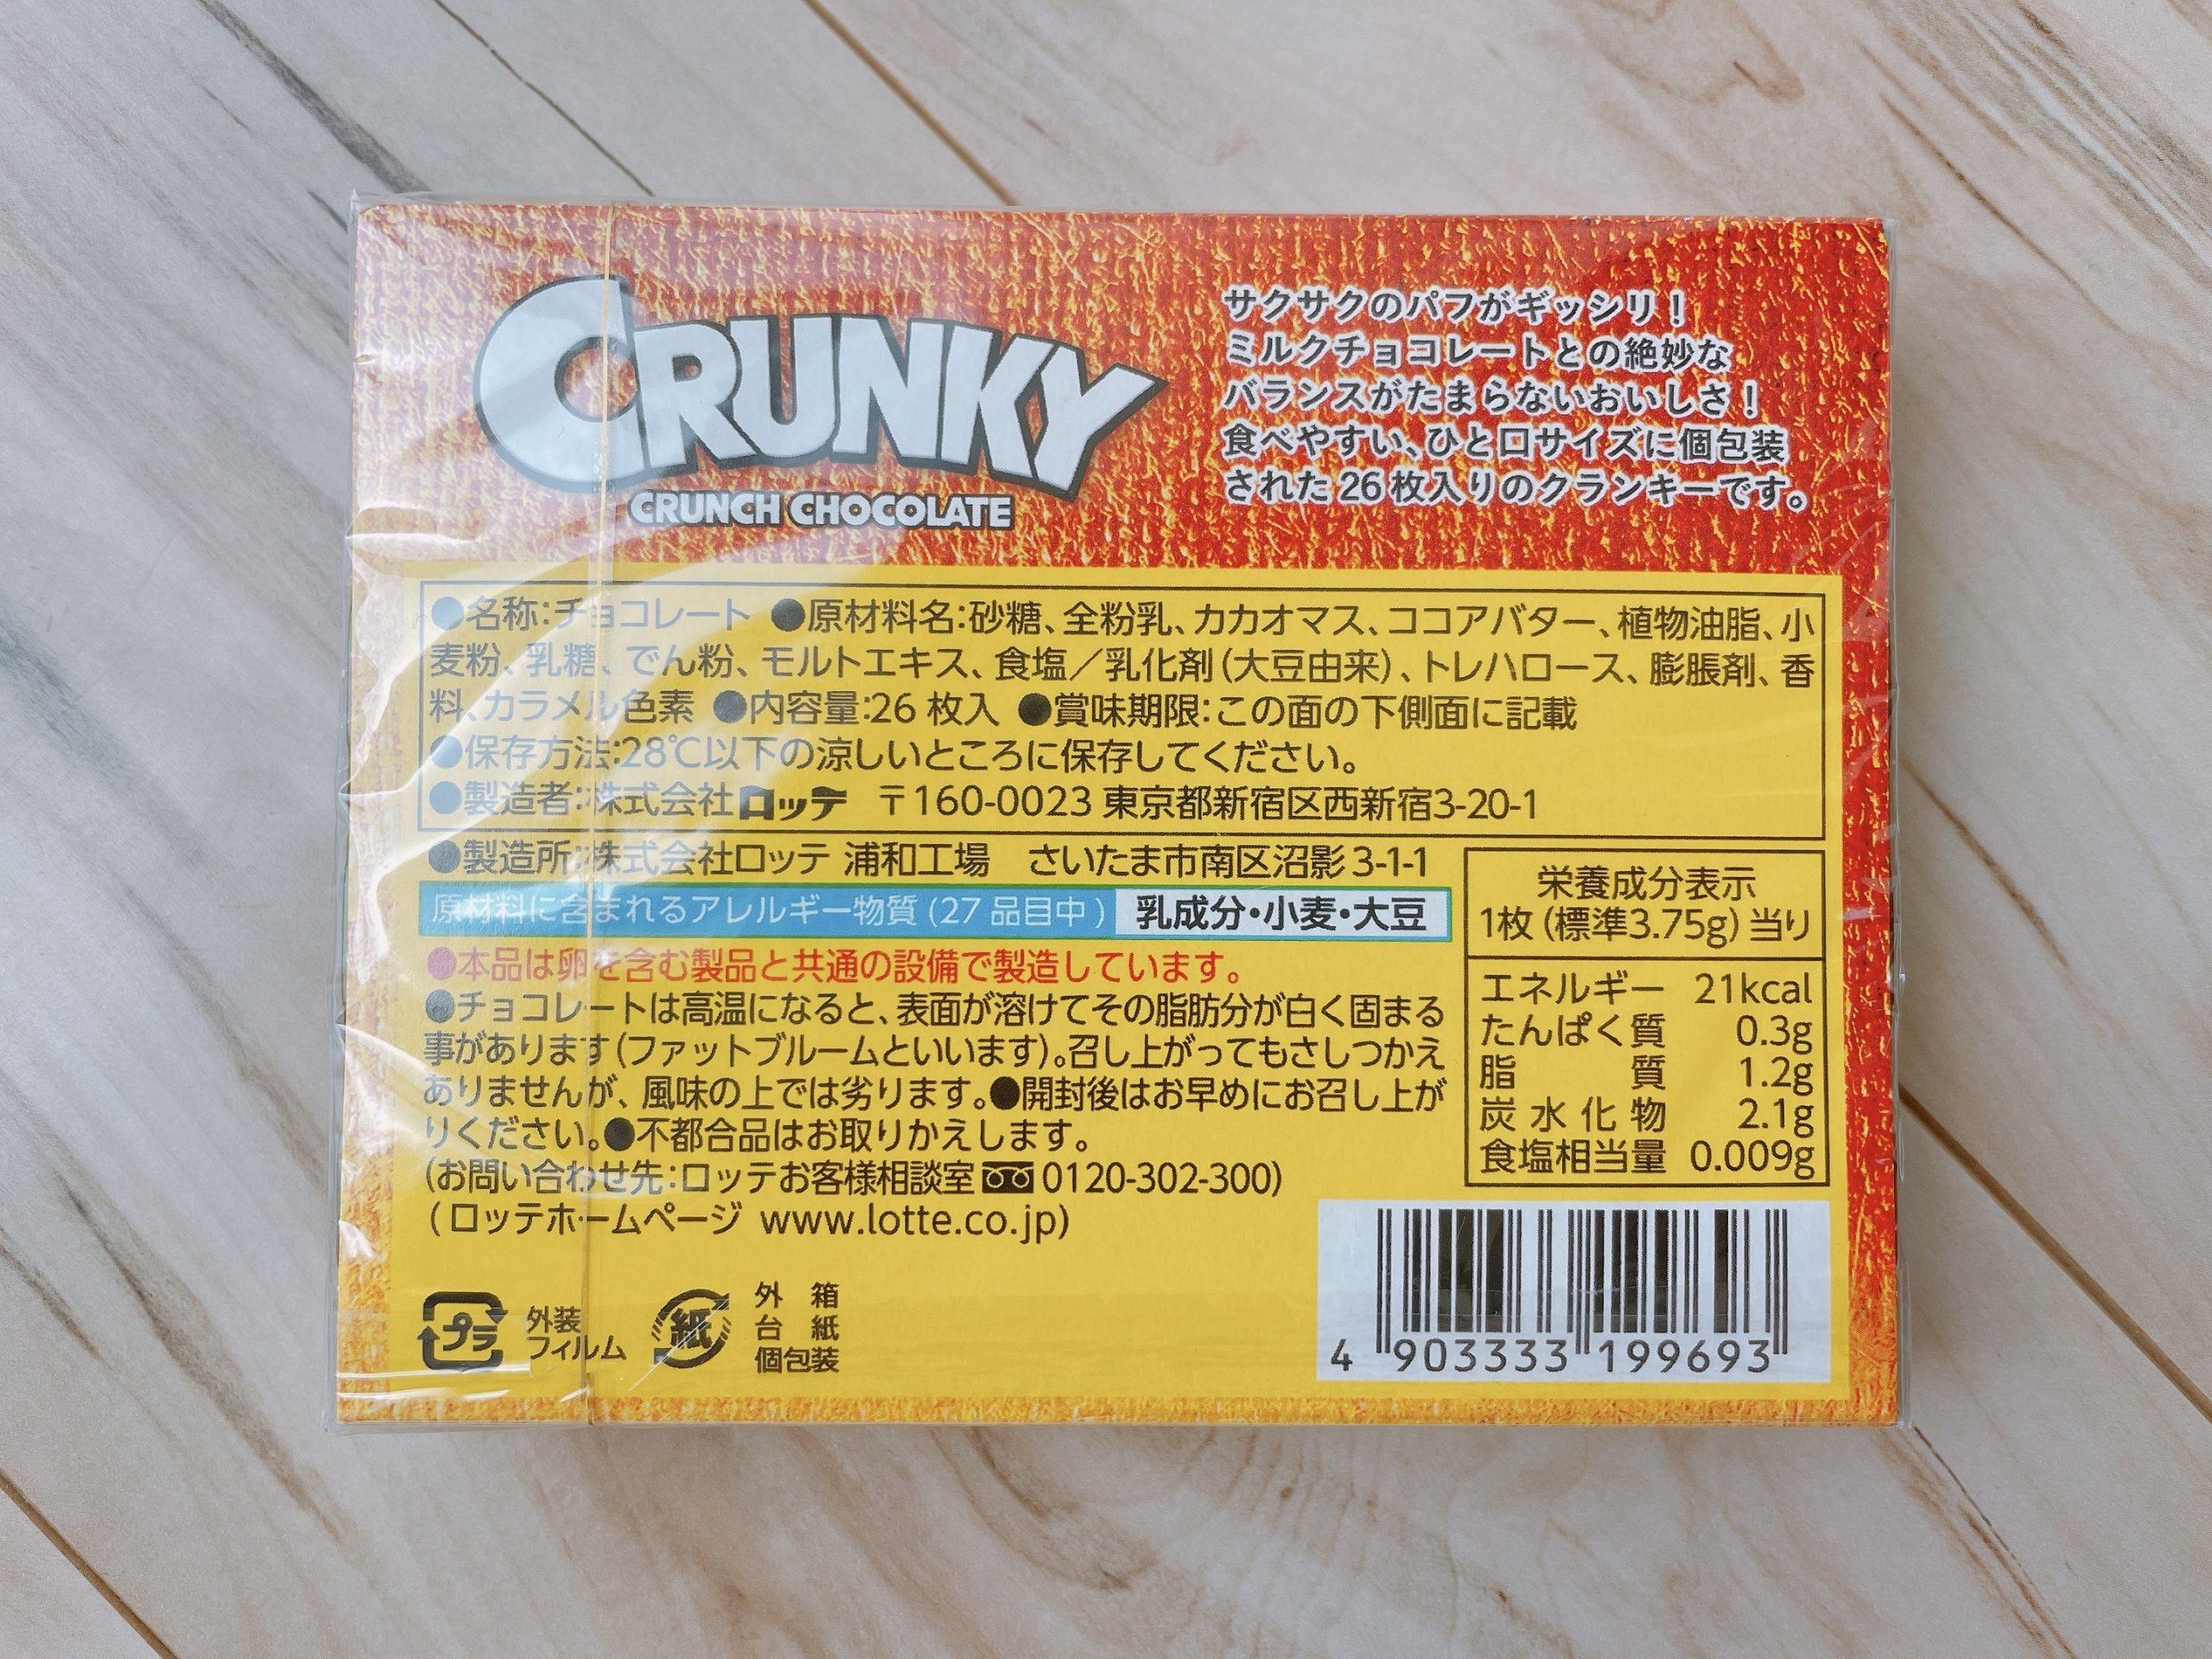 クランキーチョコレートエクセレントの原材料やカロリーなど